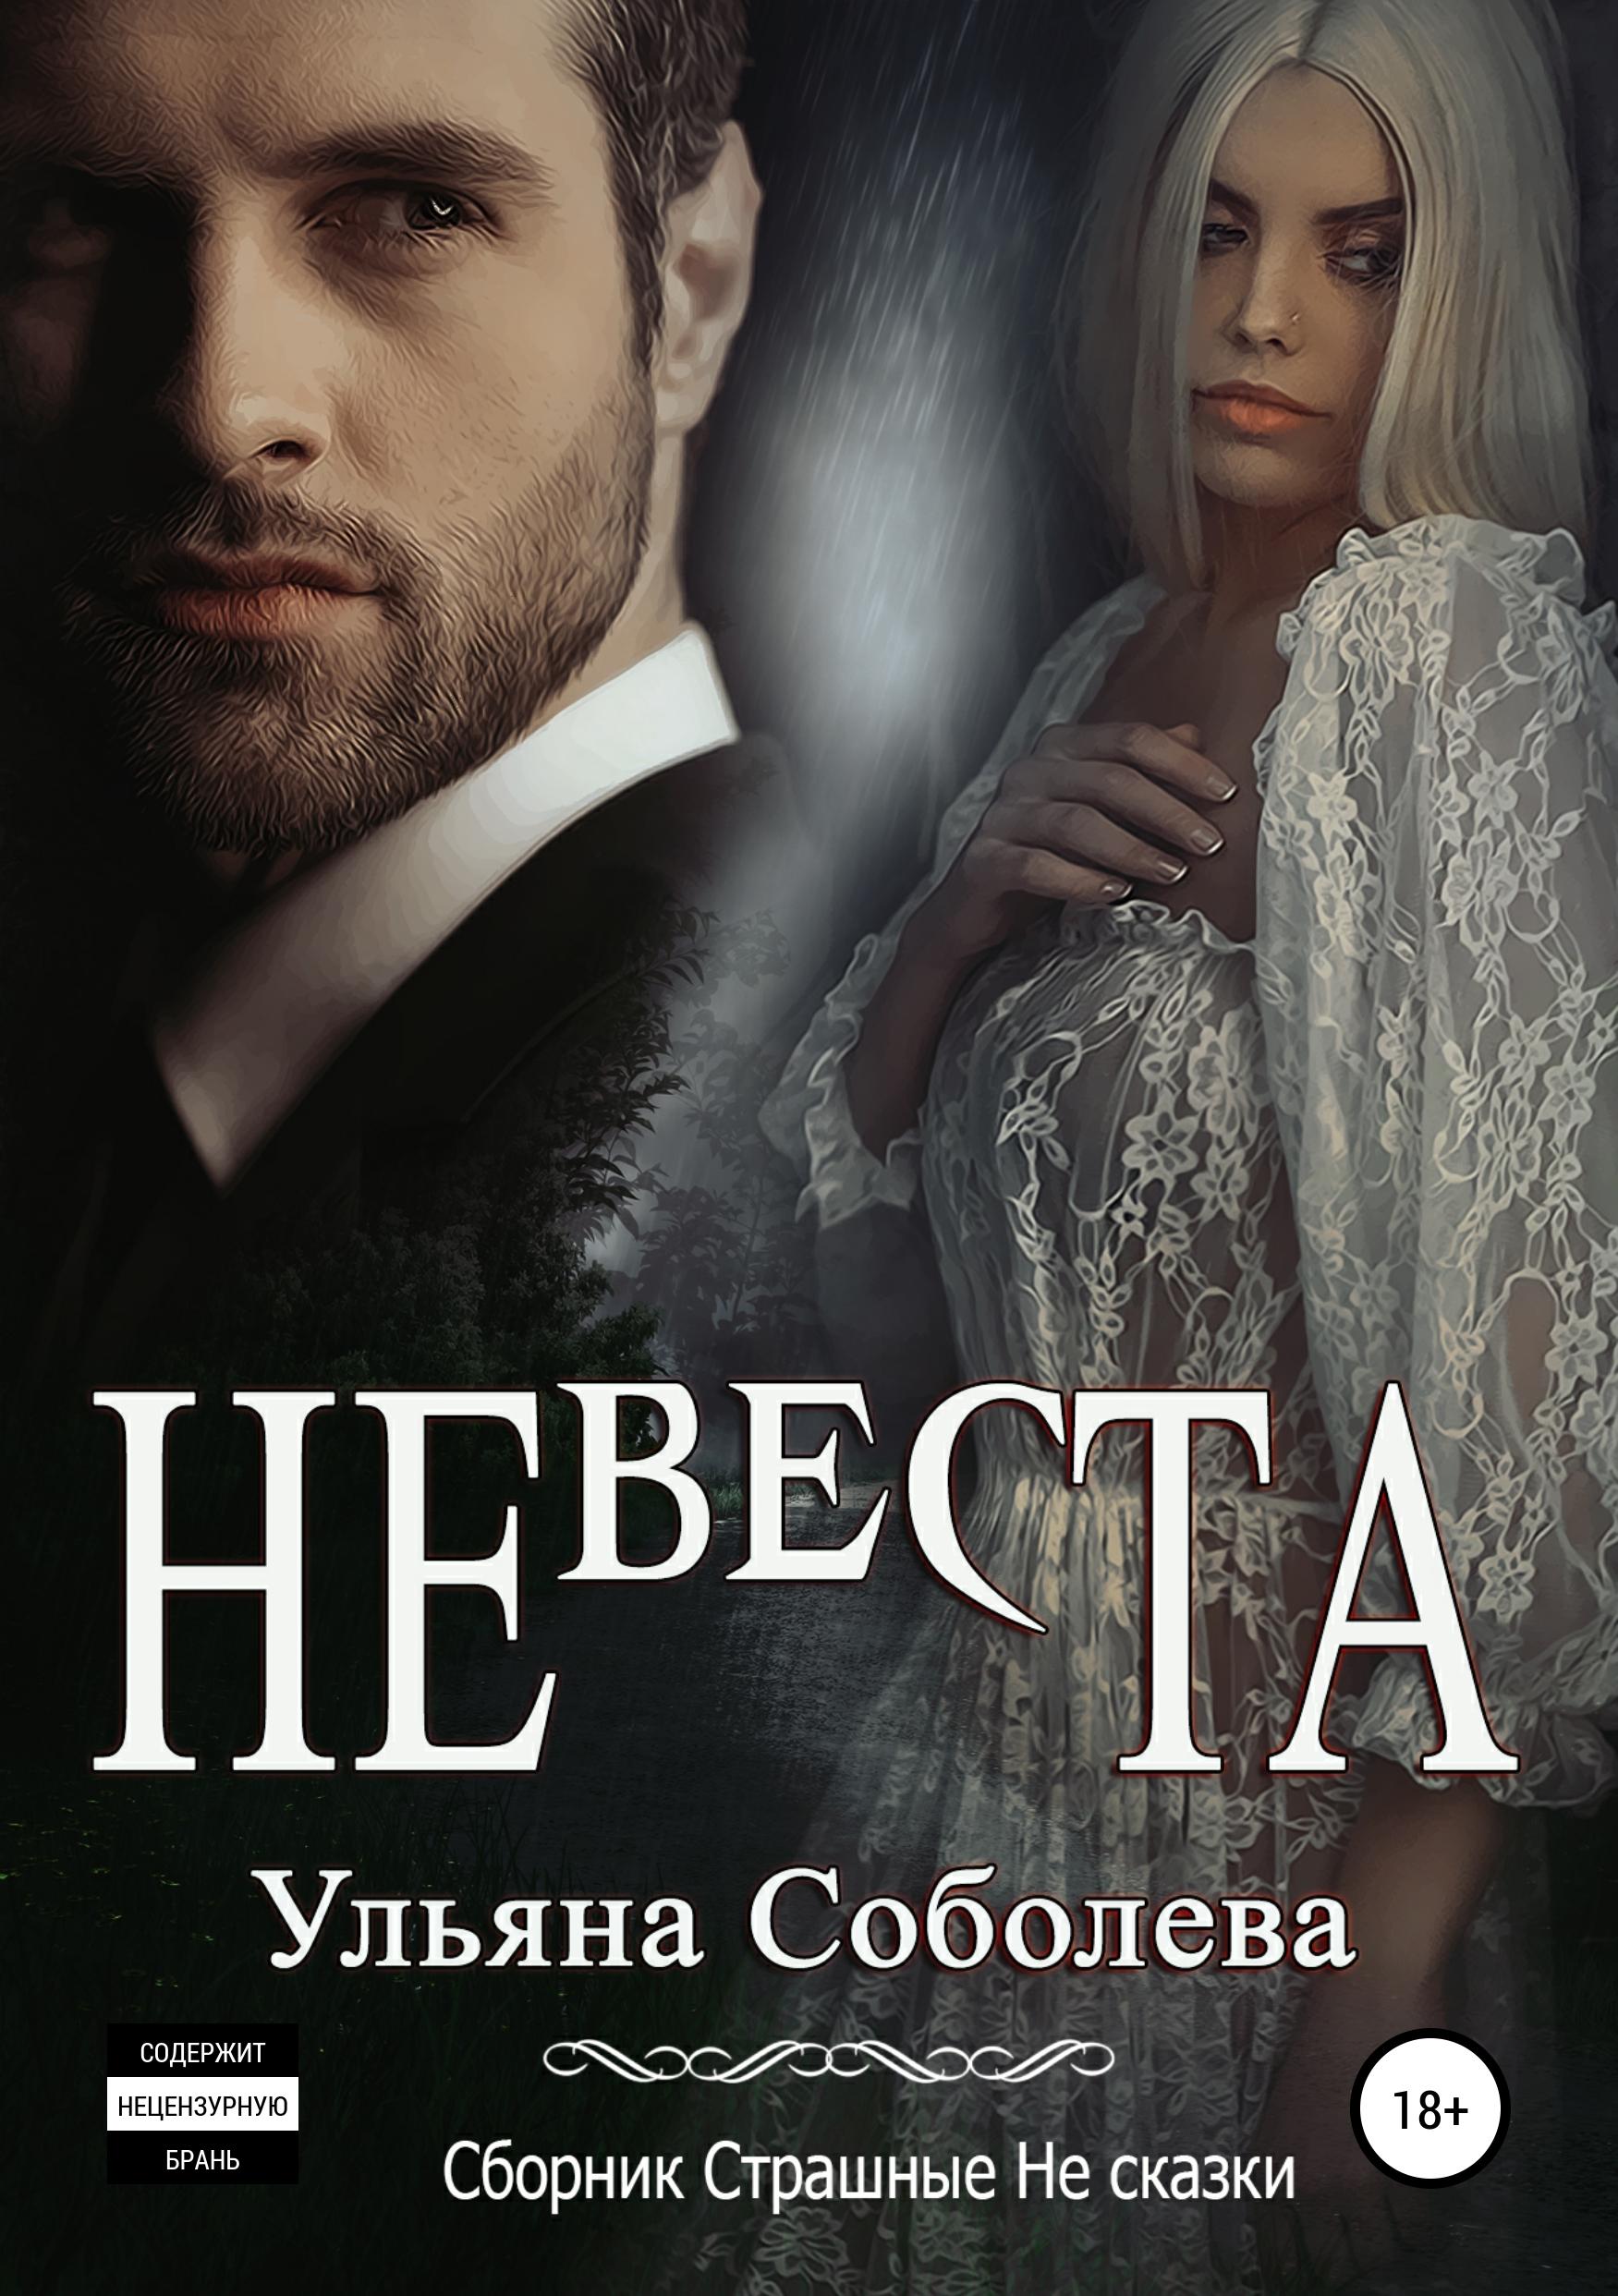 Ульяна Павловна Соболева Невеста дария тарасова любовь бывает разная